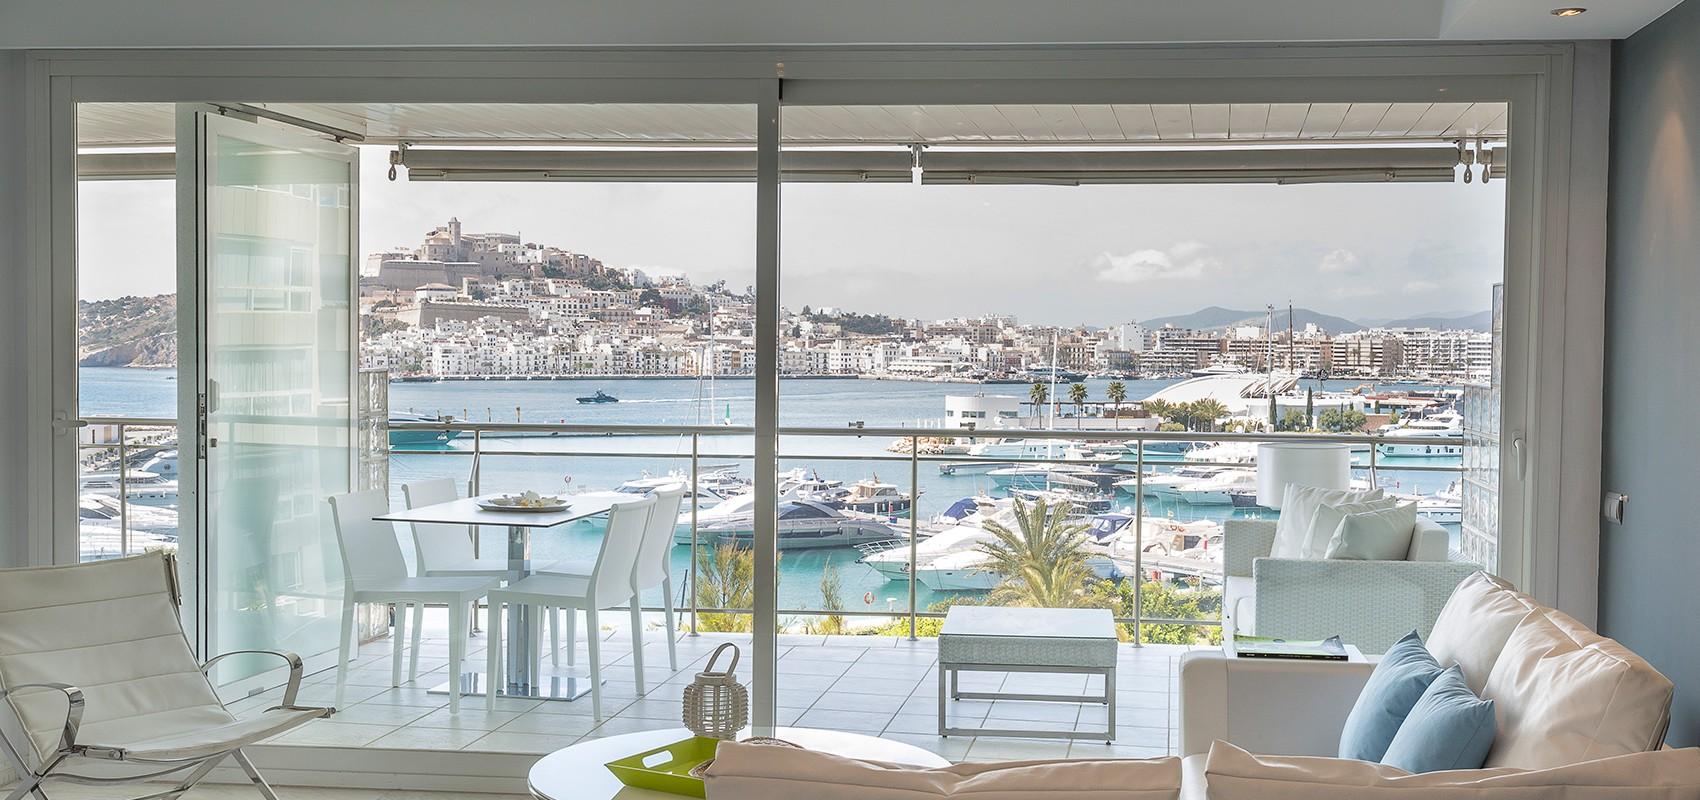 Salón espacioso con vistas a la terraza y a la bahía de Ibiza